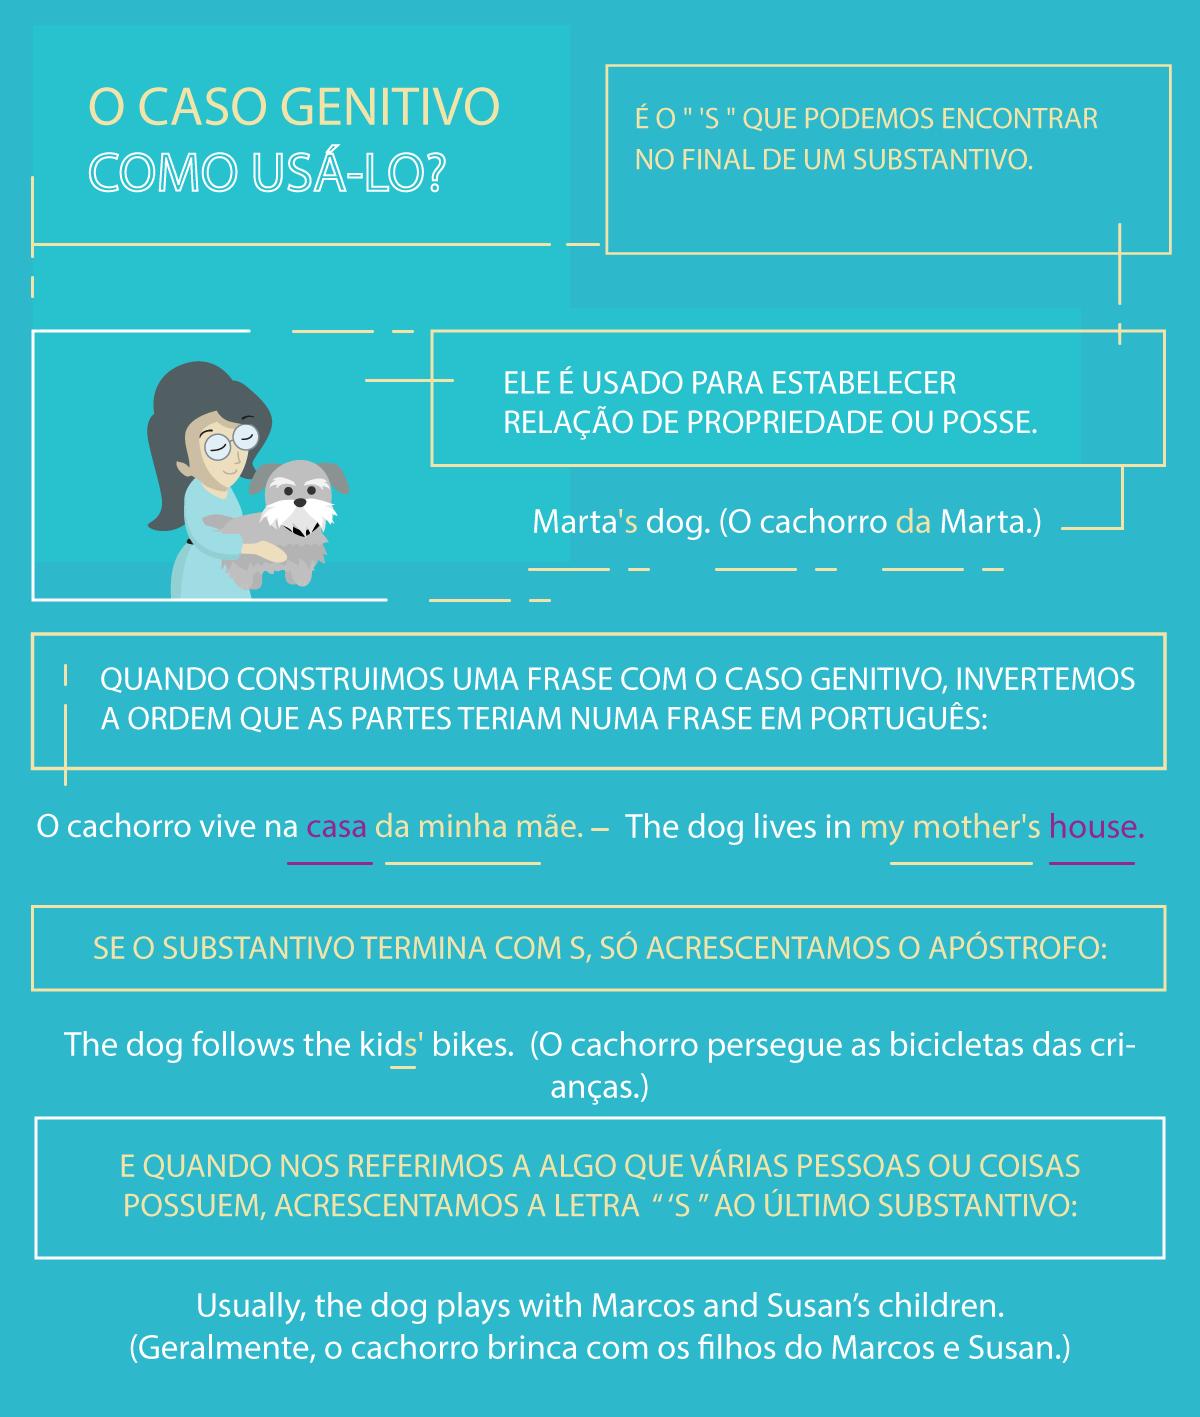 Infografia do Caso genitivo